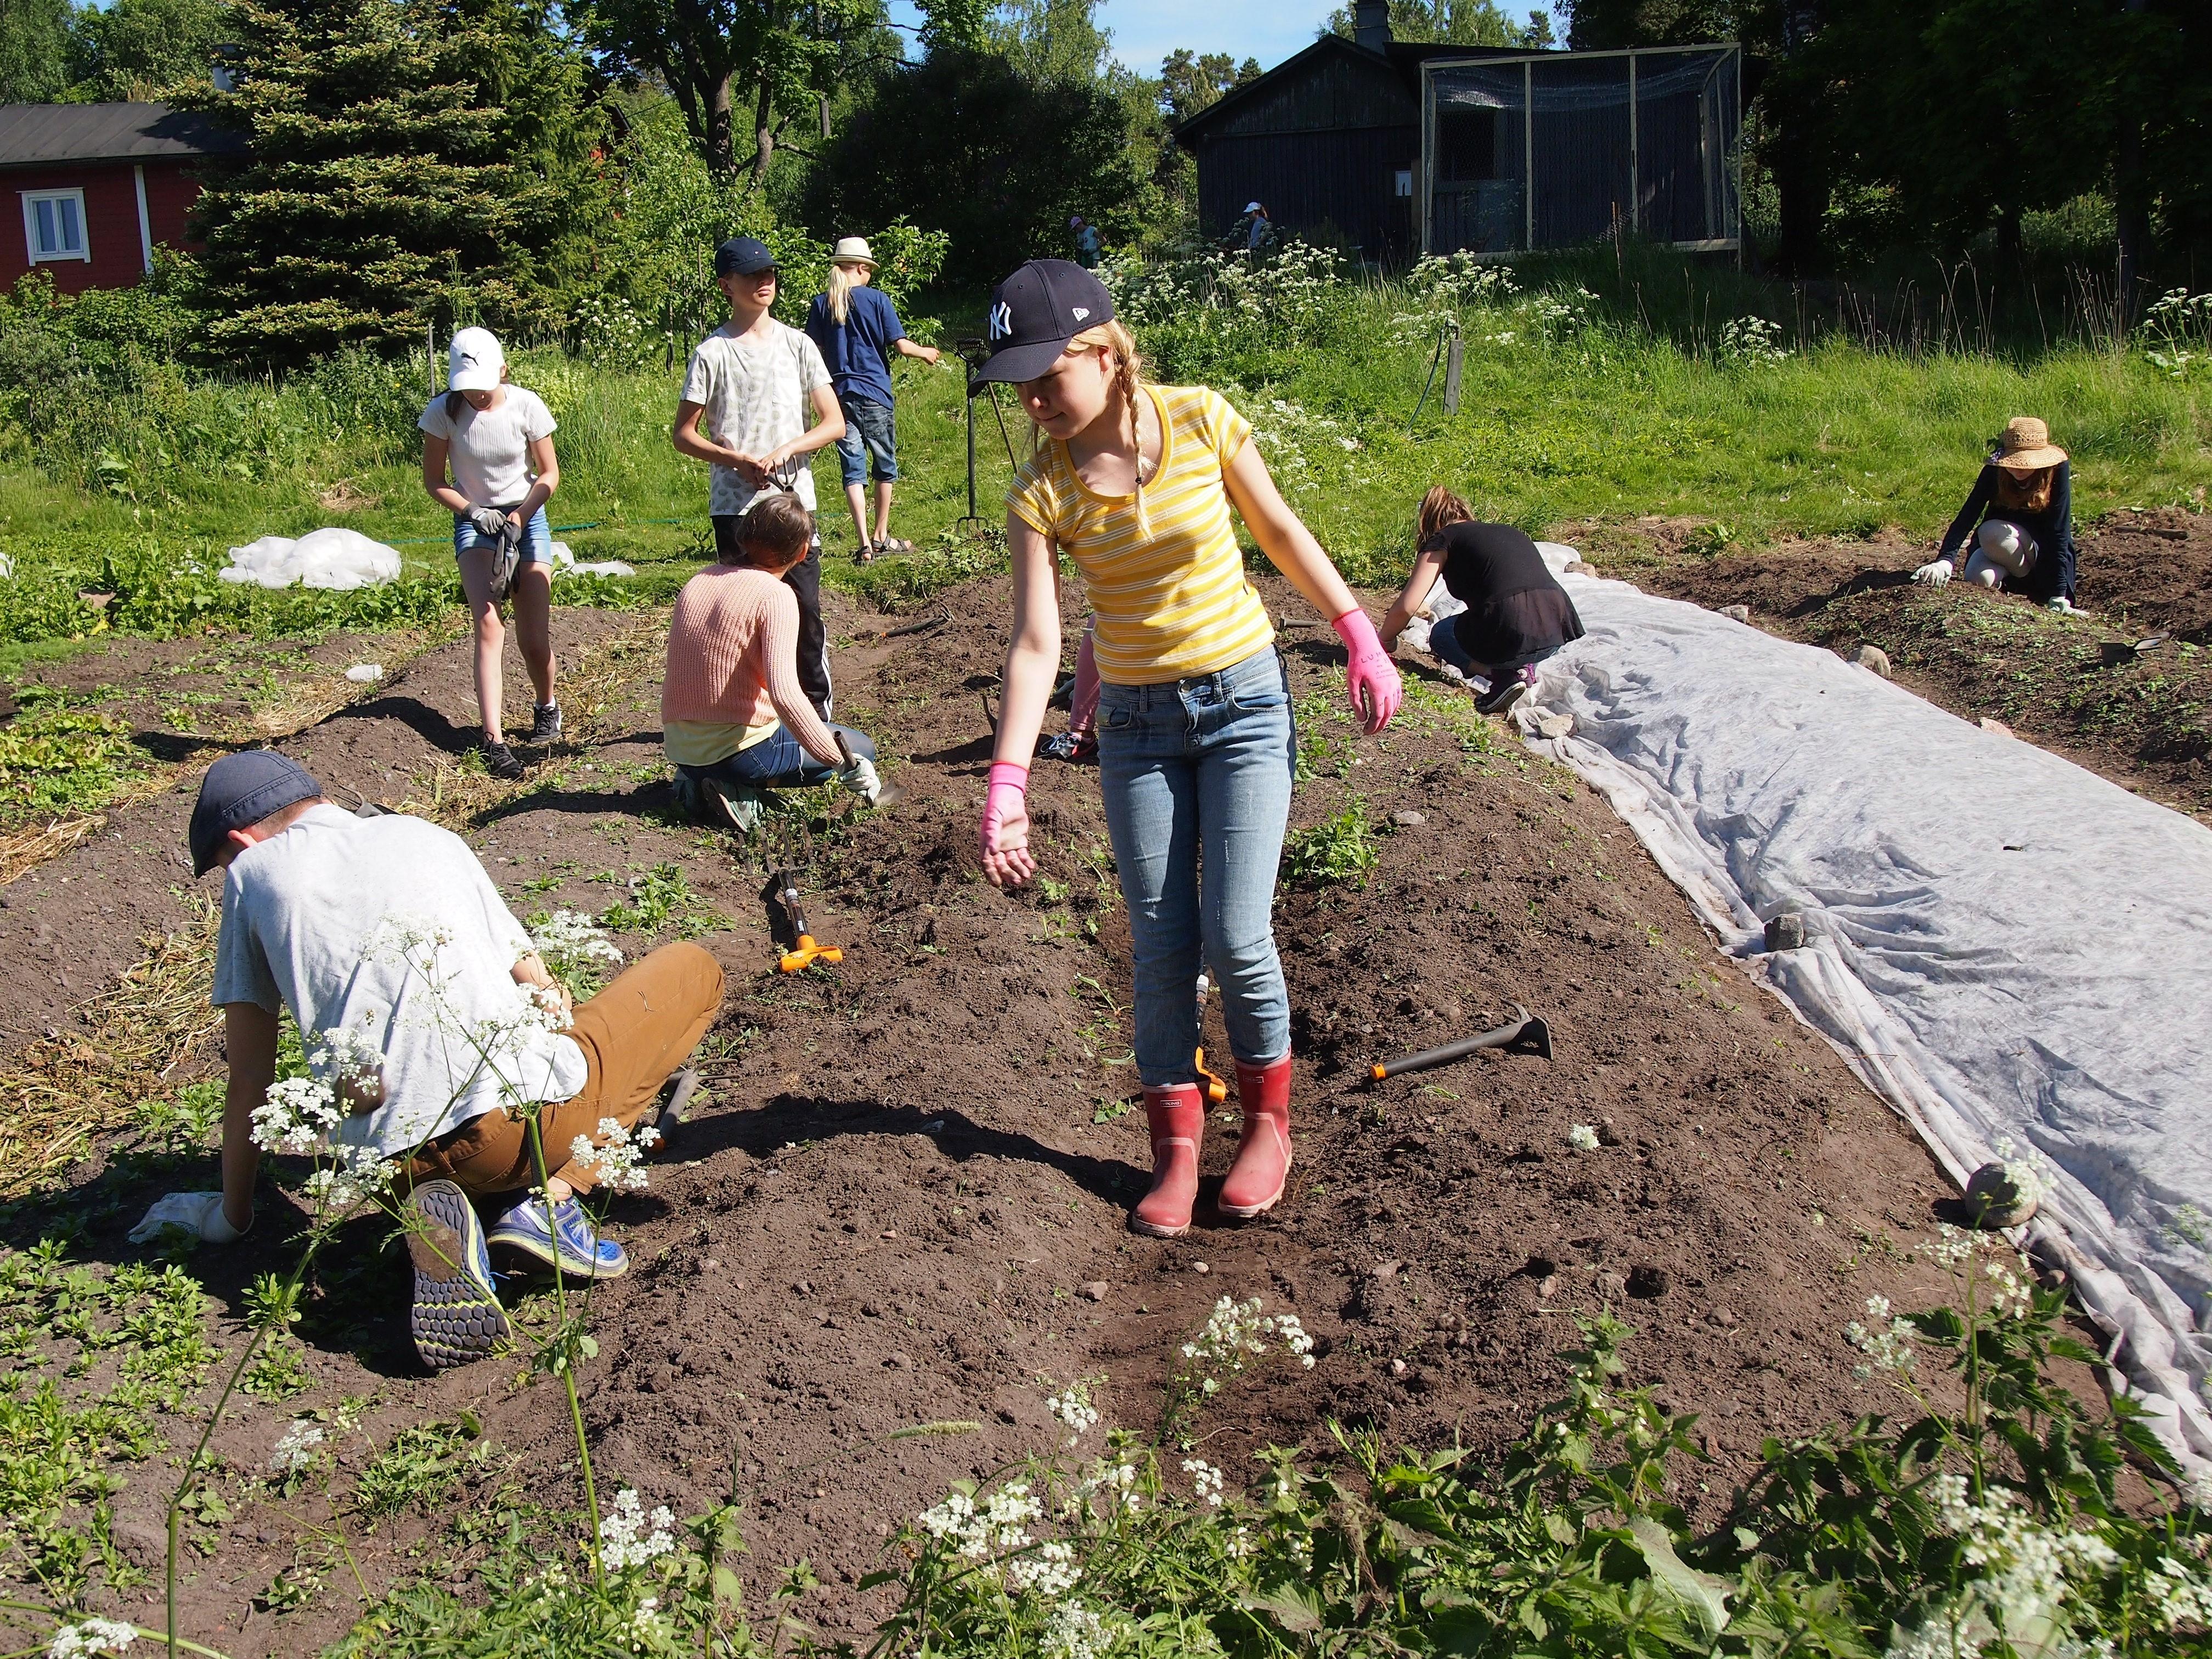 Koulun puutarhassa voidaan kokeilla ja konkretisoida monia kestävän ruoantuotannon perustoimia käytännössä. Kuva Pinja Sipari.